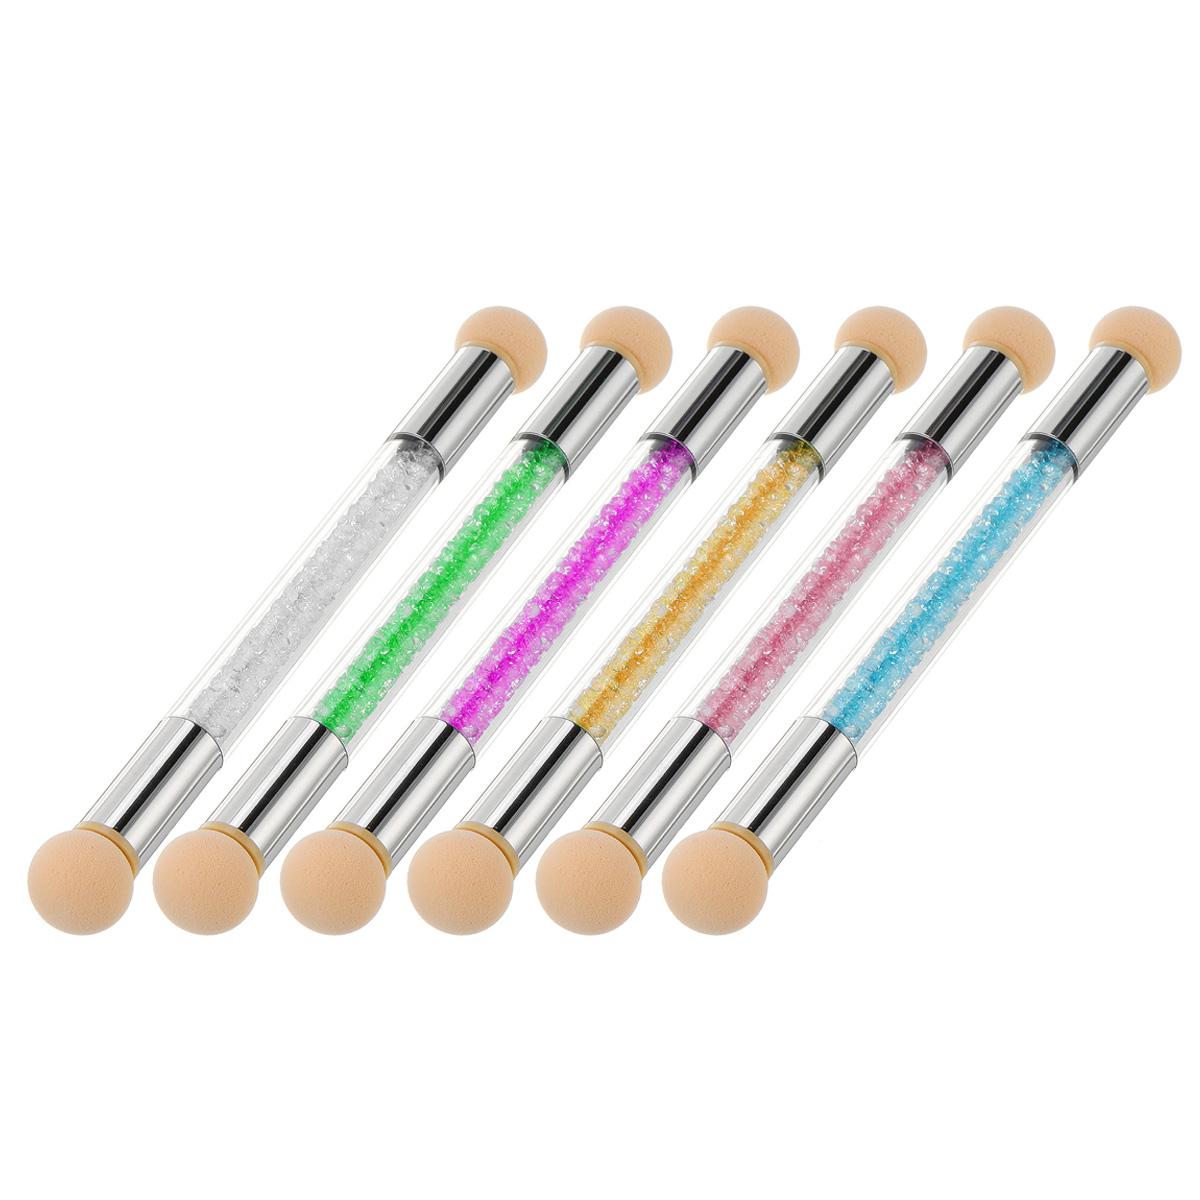 6Pcs Nail Tool Gradient Pen Halo Pen Light Therapy Point Color Glue Sponge Pen Double Head